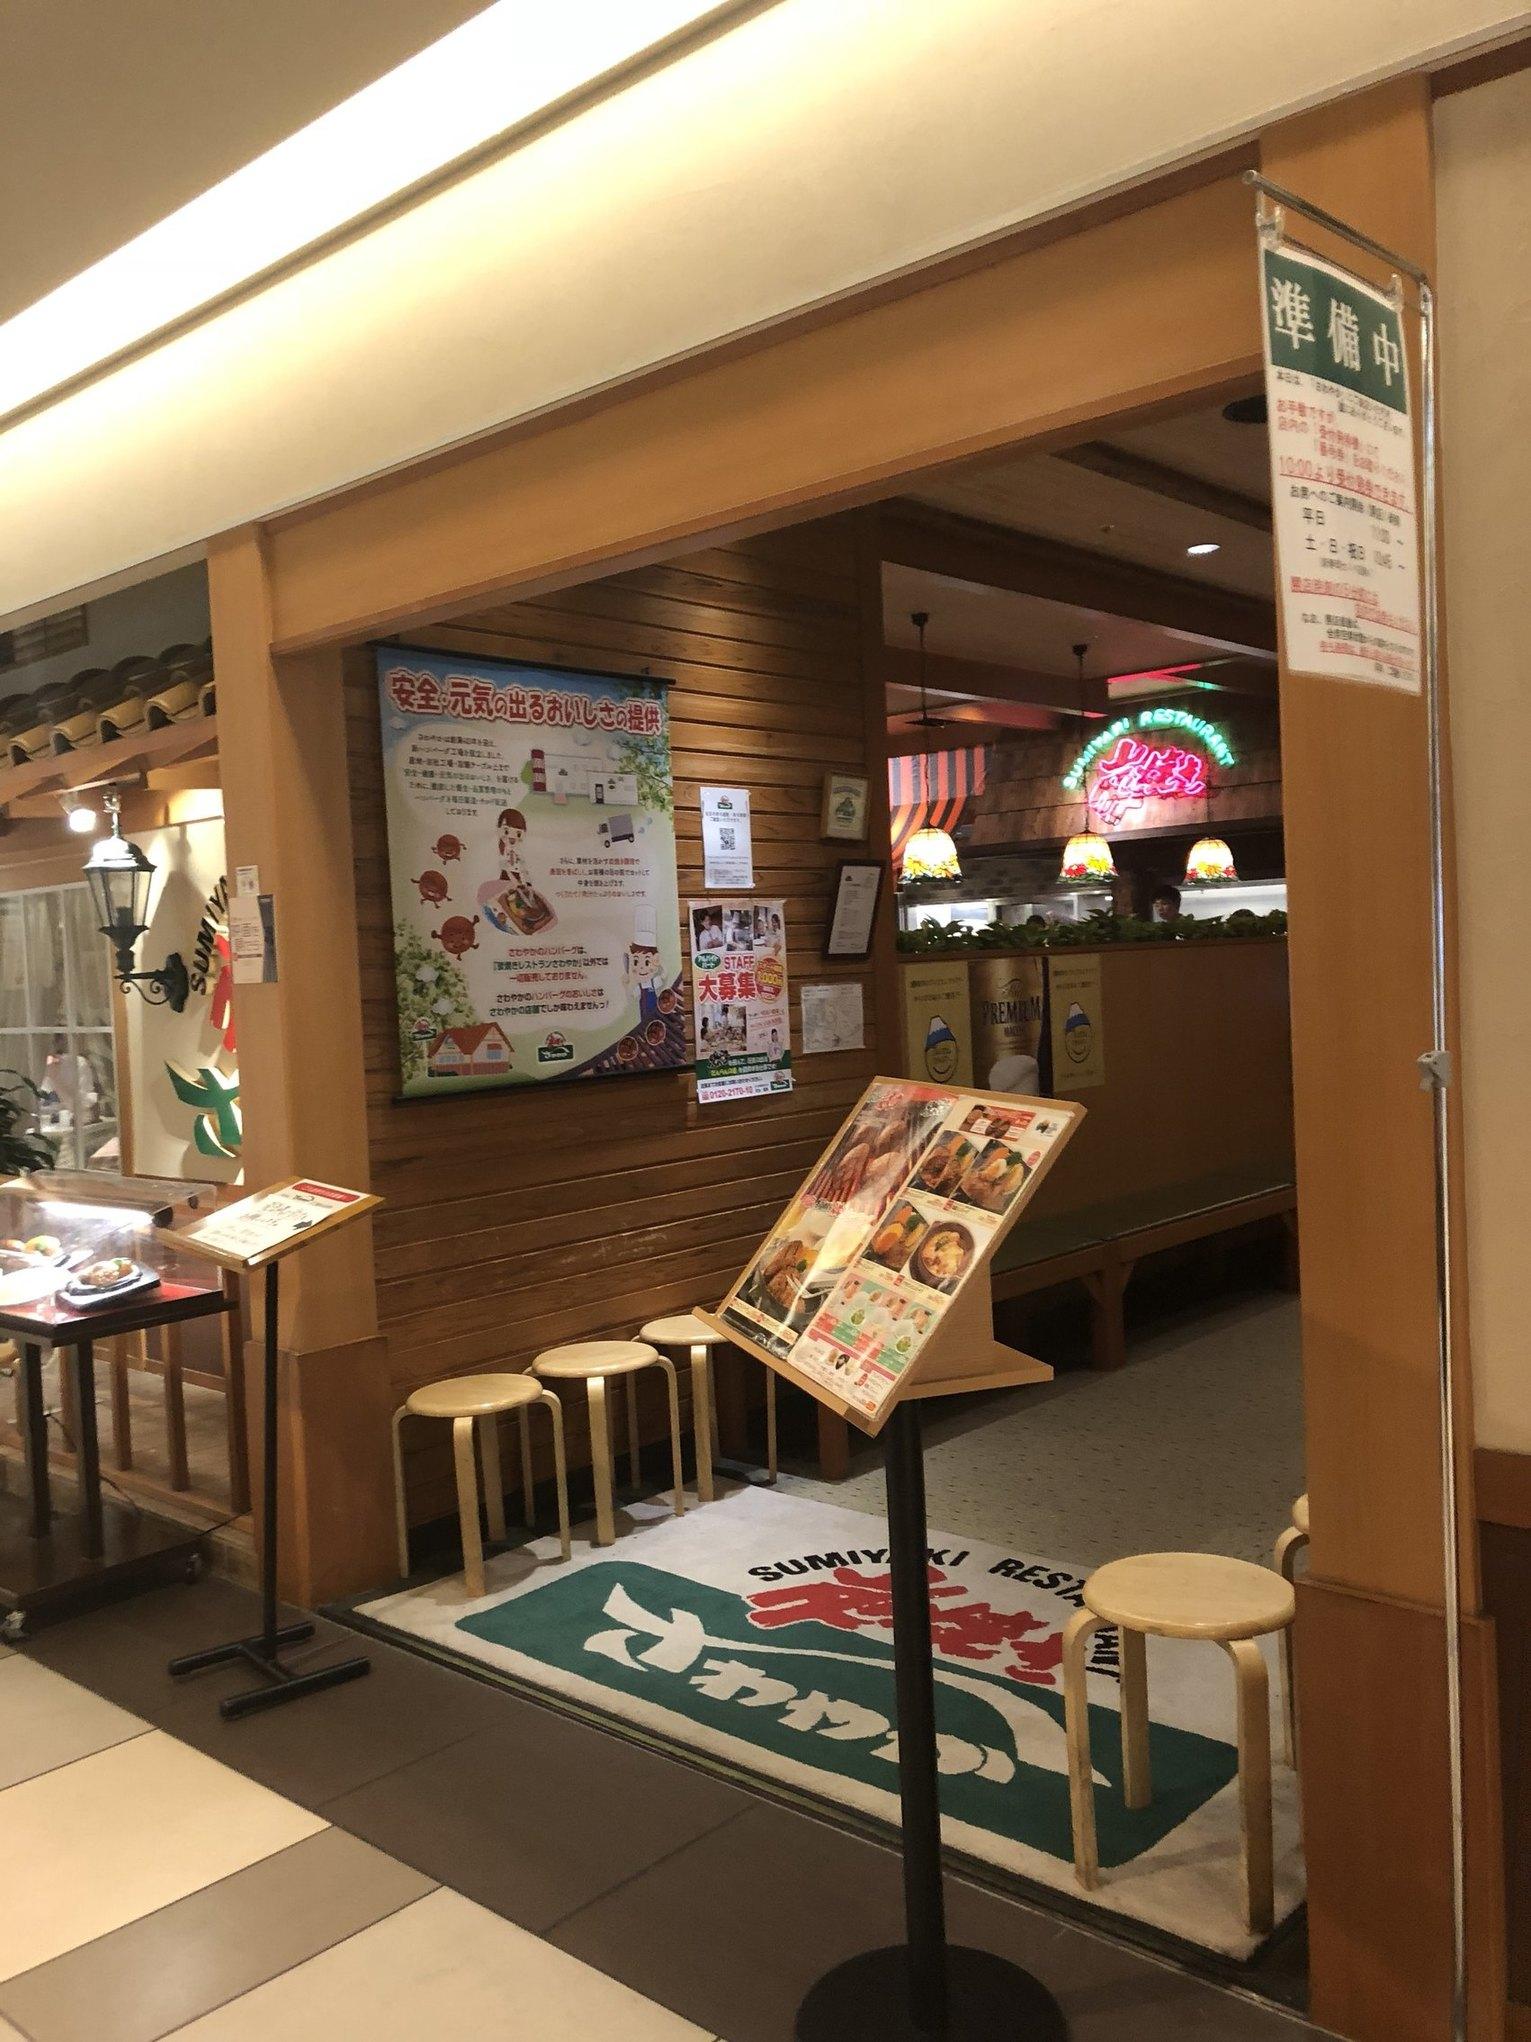 さわやか 新静岡セノバ店 name=